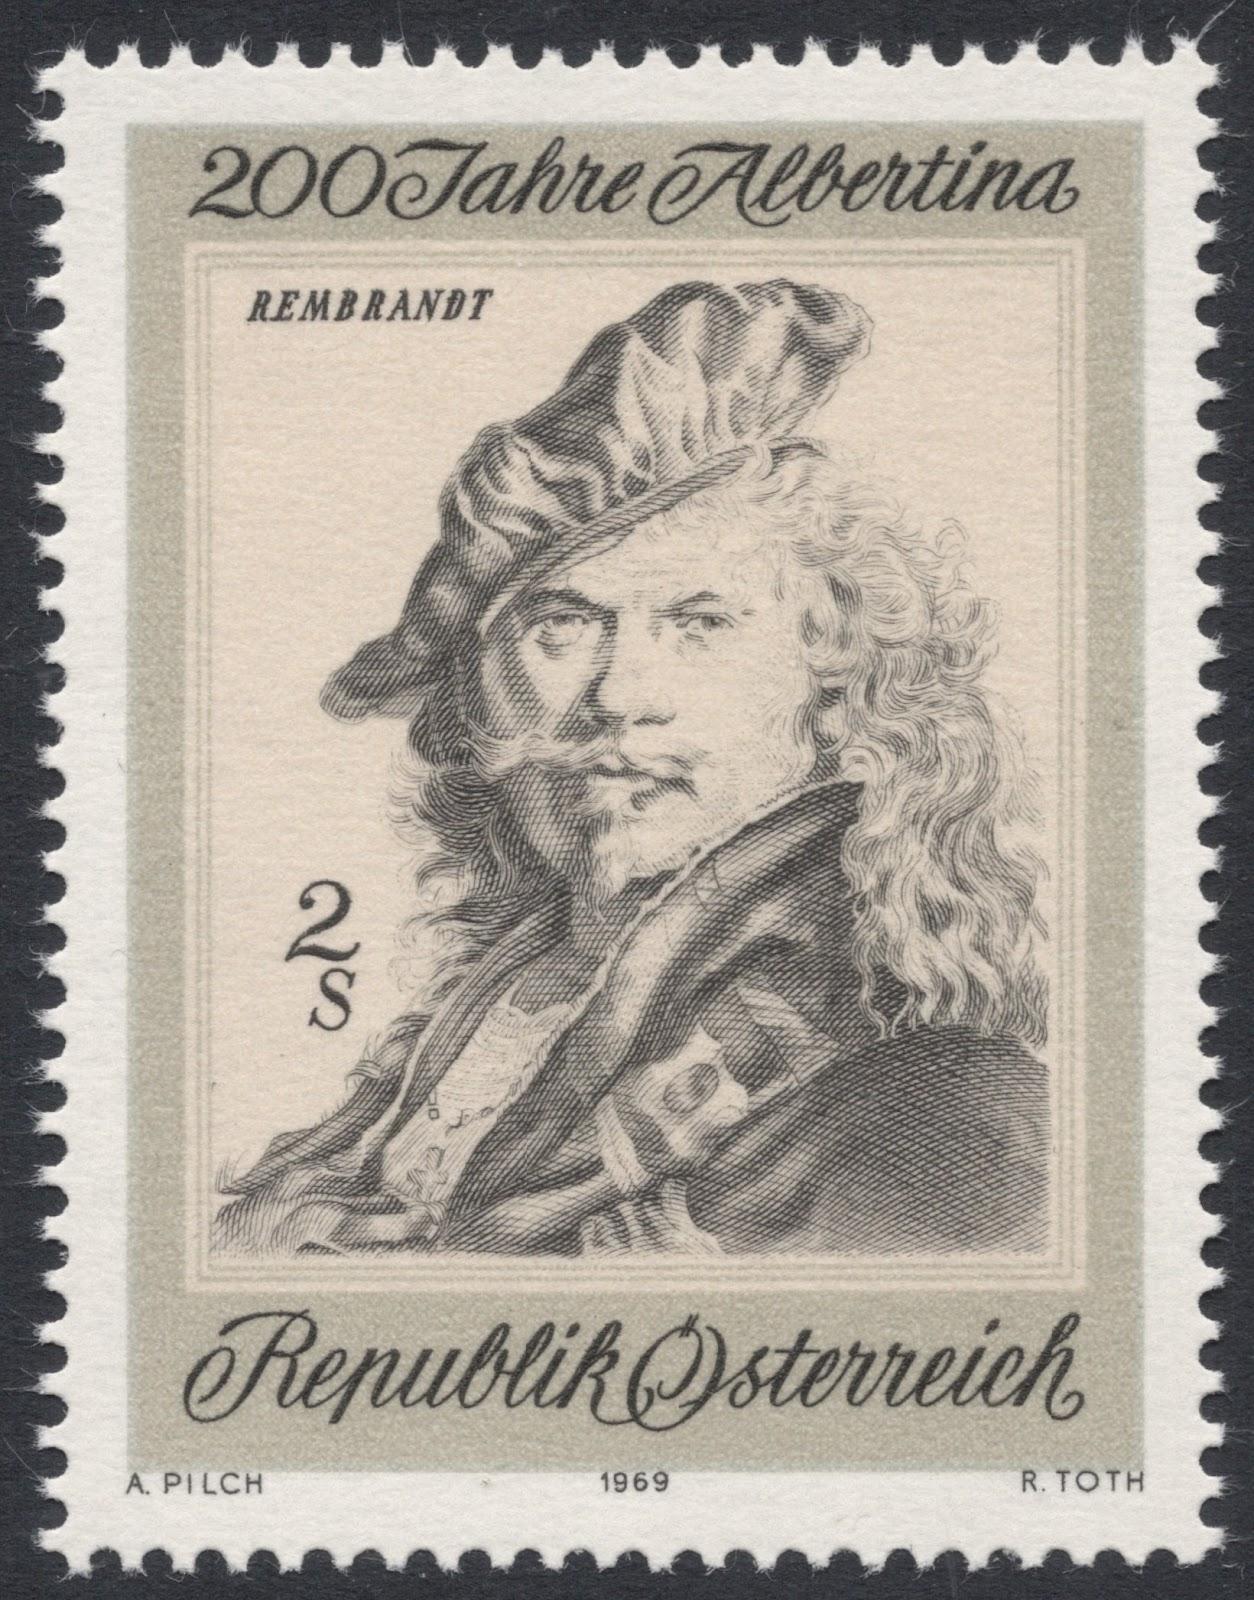 Rembrandt-Stamp 2